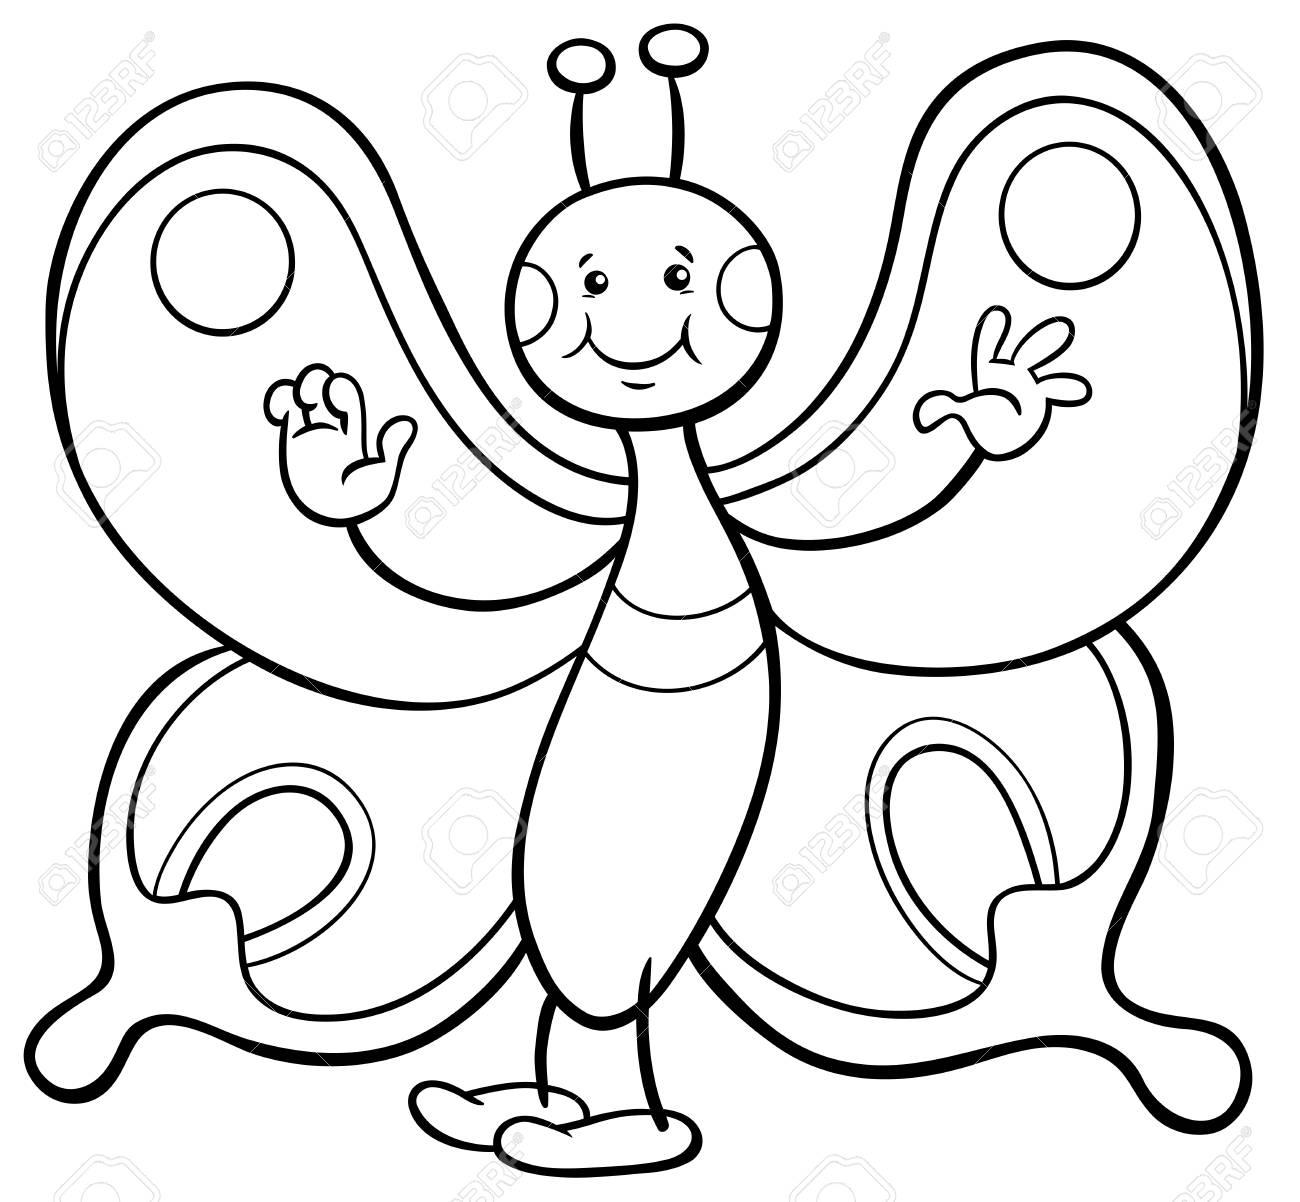 Ilustración De Dibujos Animados Blanco Y Negro De Mariposa Insecto Personaje De Caracteres Página Para Colorear